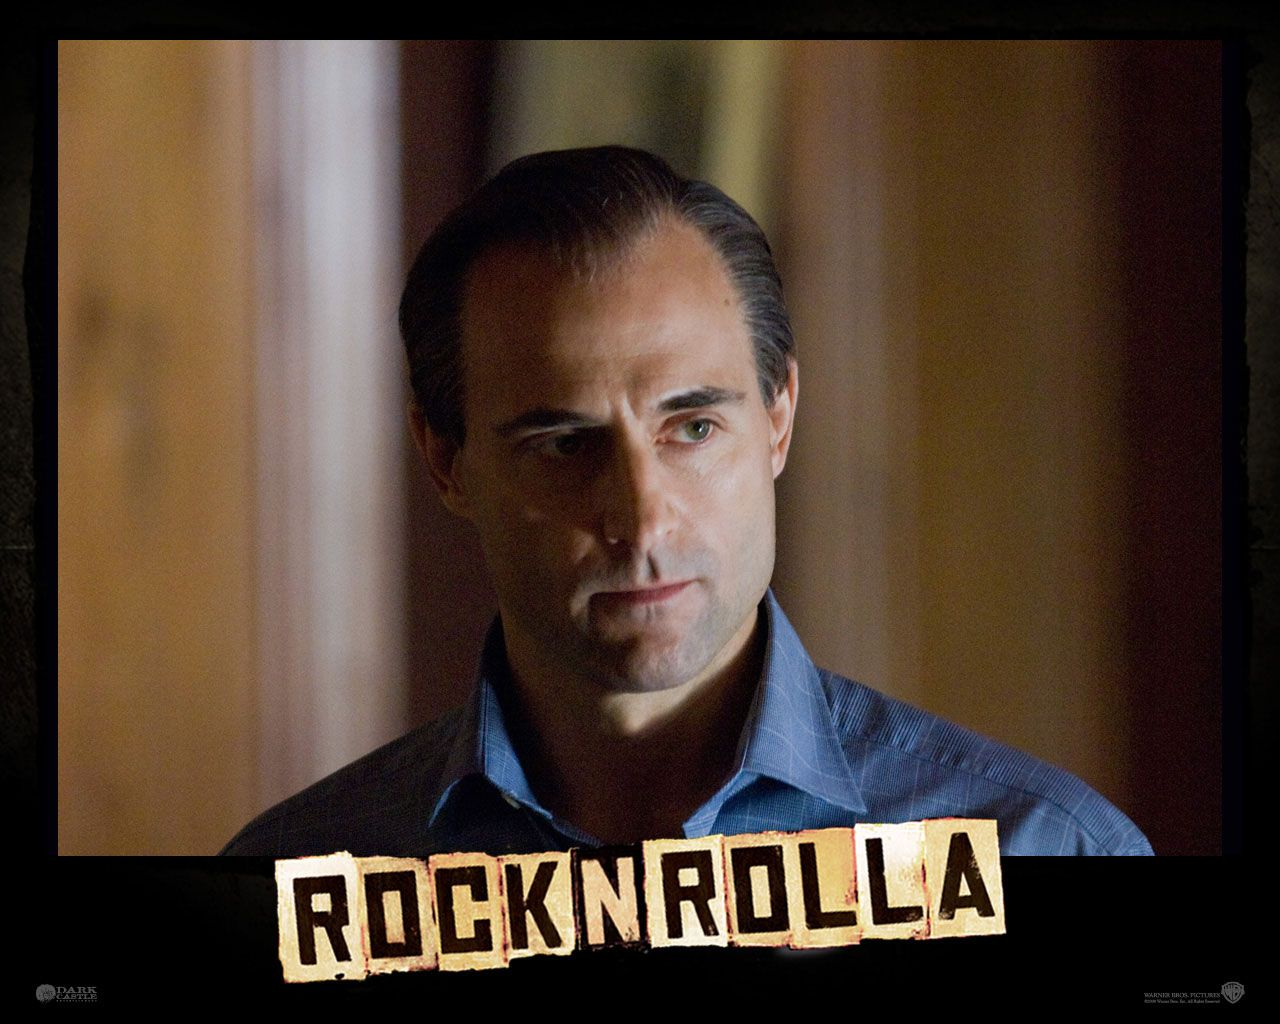 rocknrolla stream